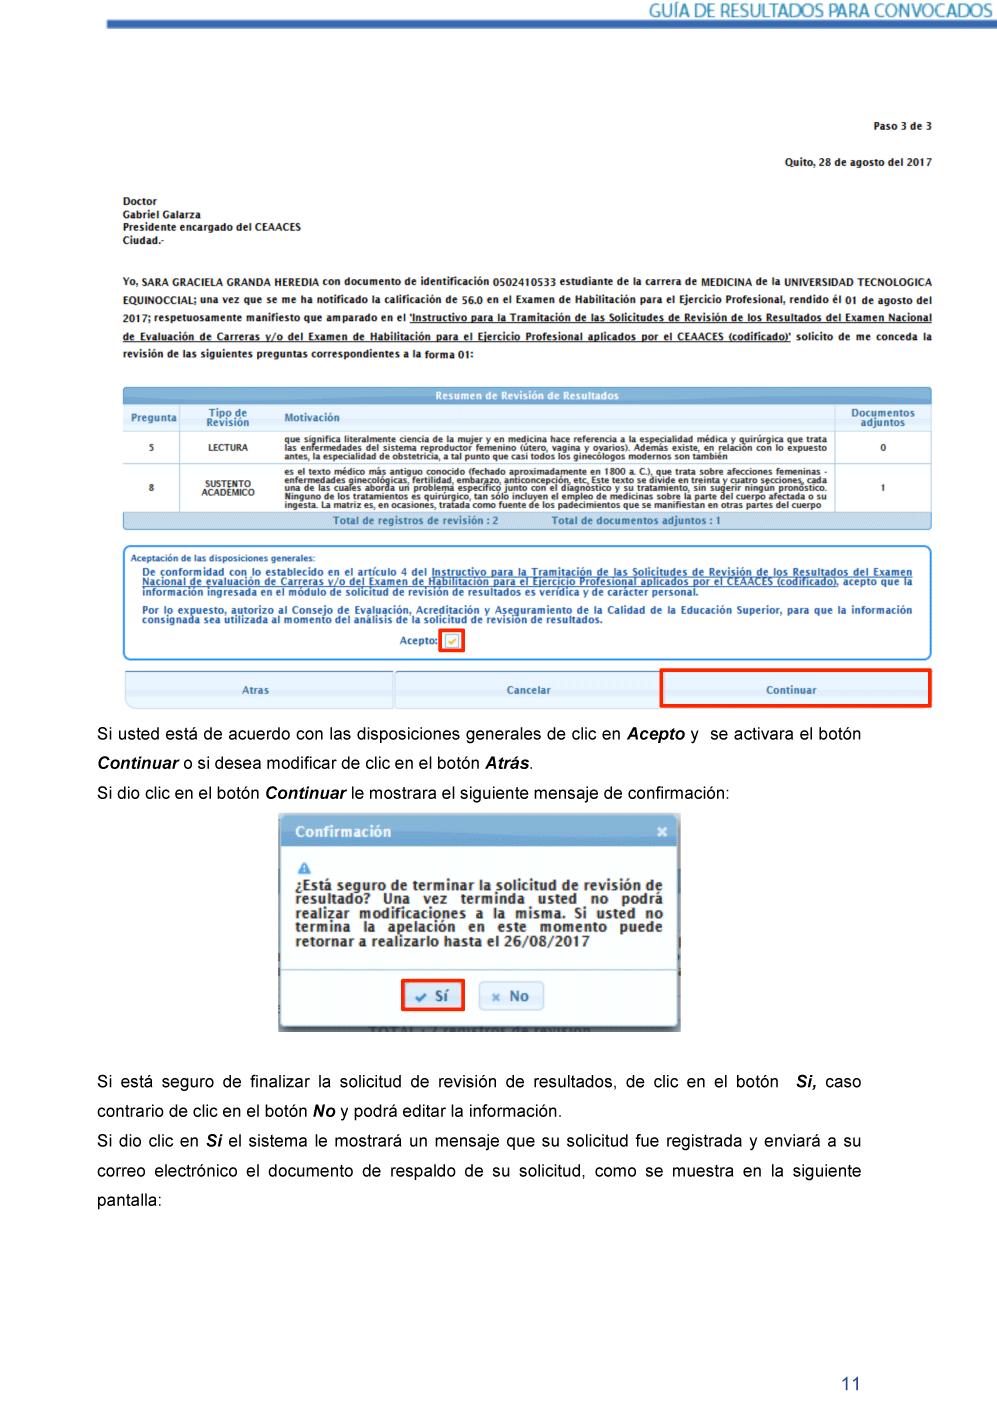 Resultados CEAACES - Imprimir Certificado de Habilitación para ...